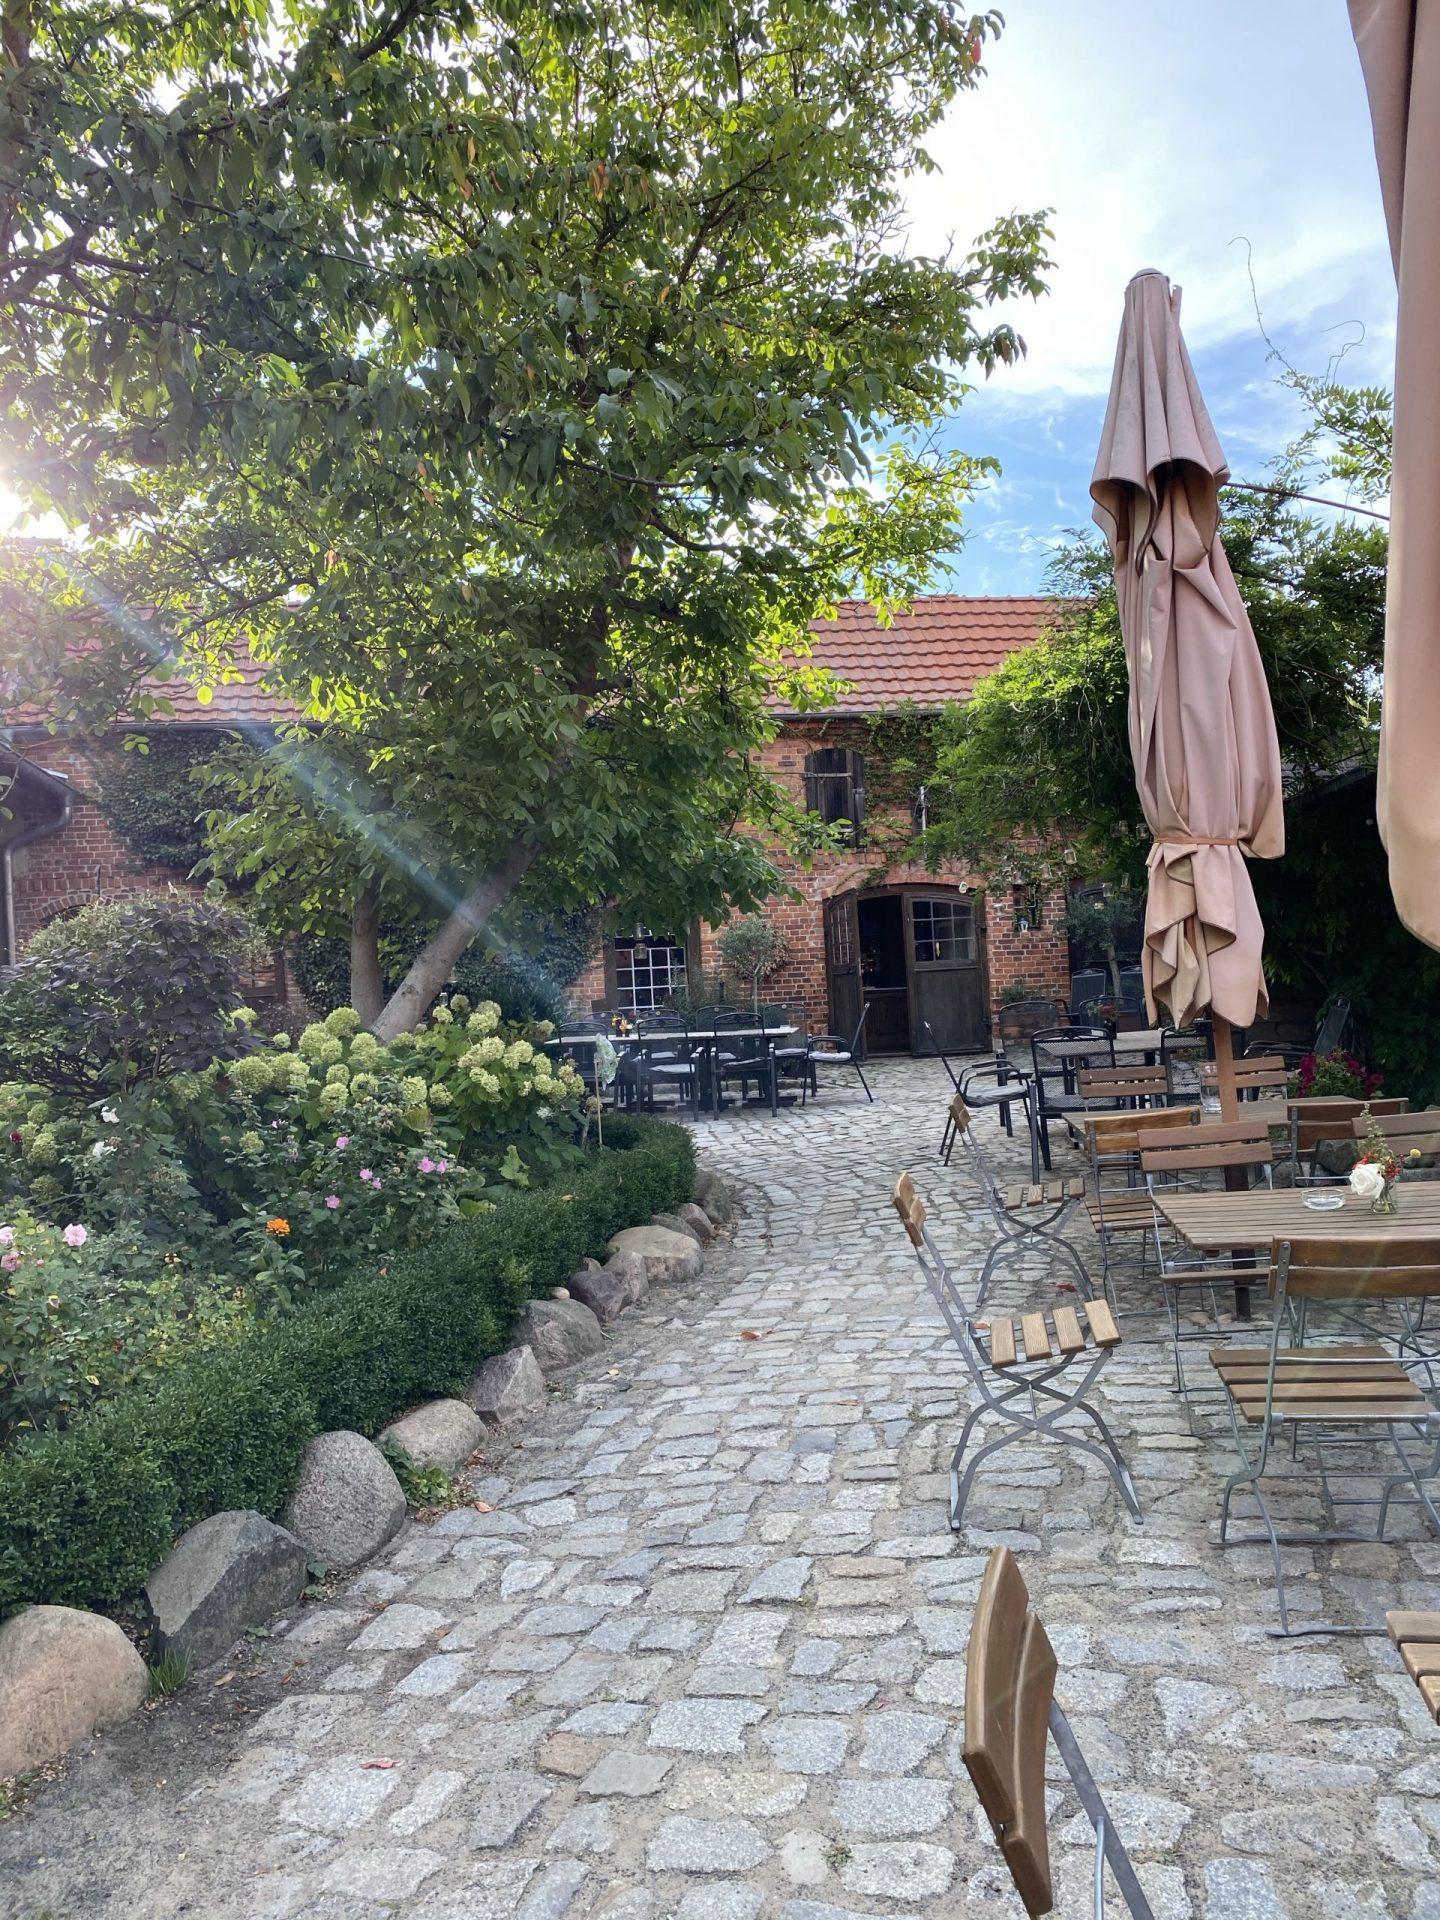 Ausflugstipp: Der Landhof von Familie Richert im Jerichower Land